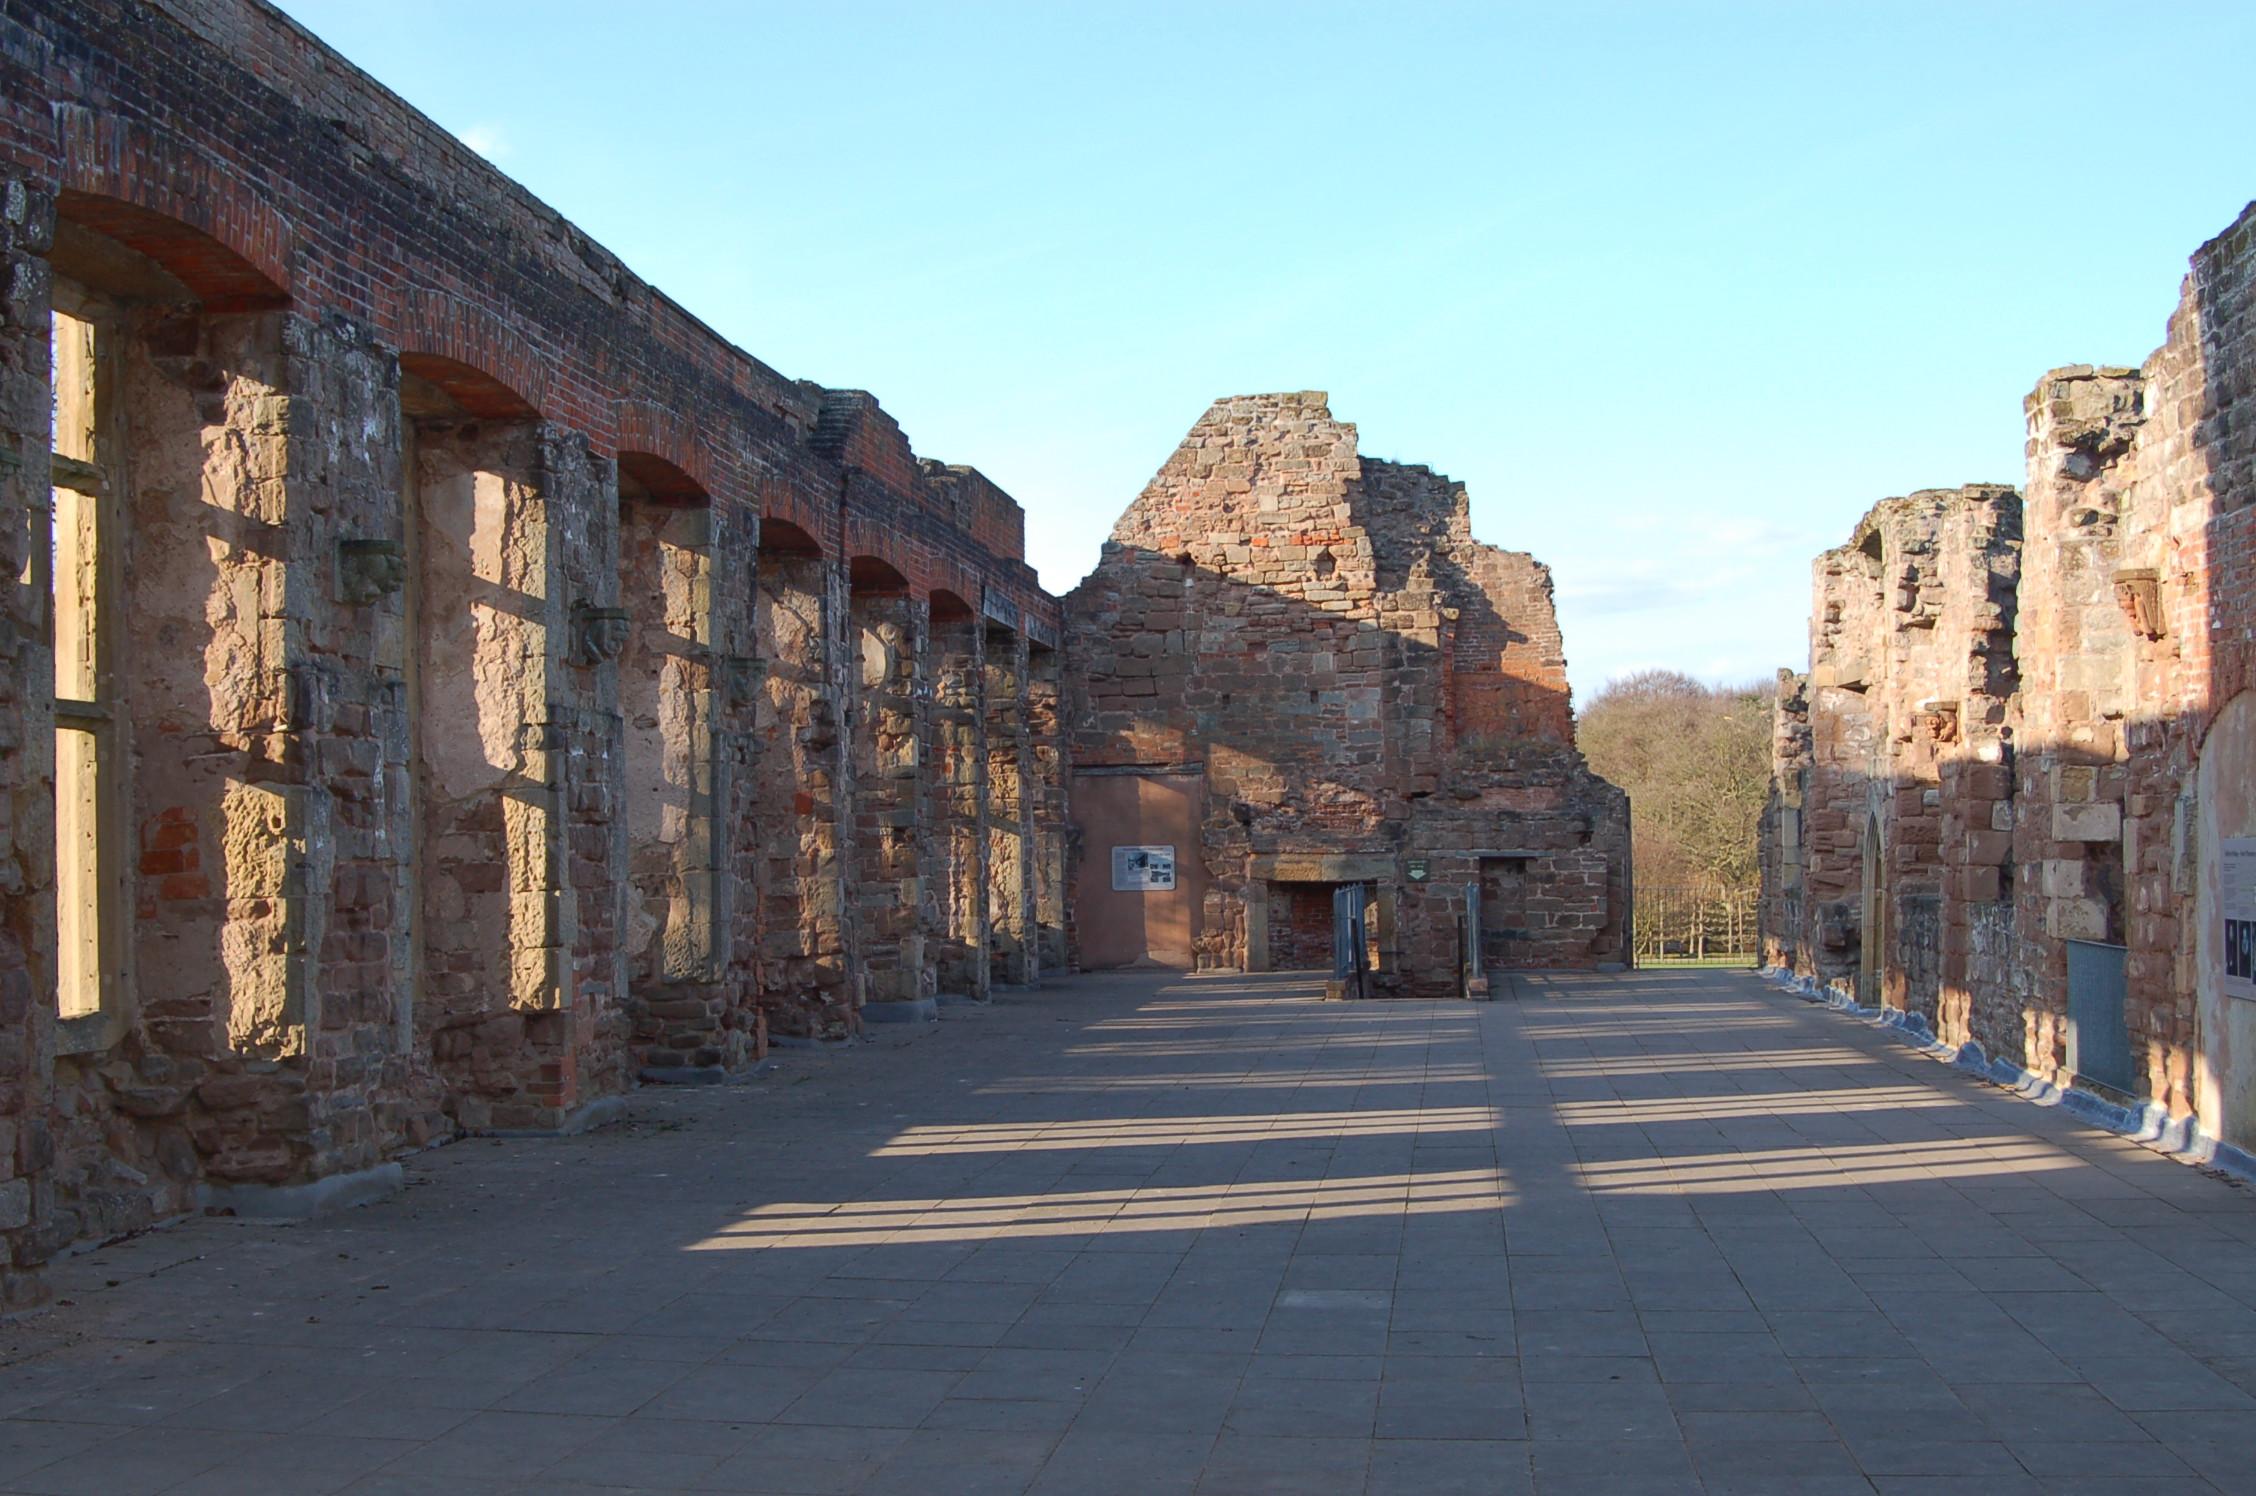 Rufford Abbey Ruins